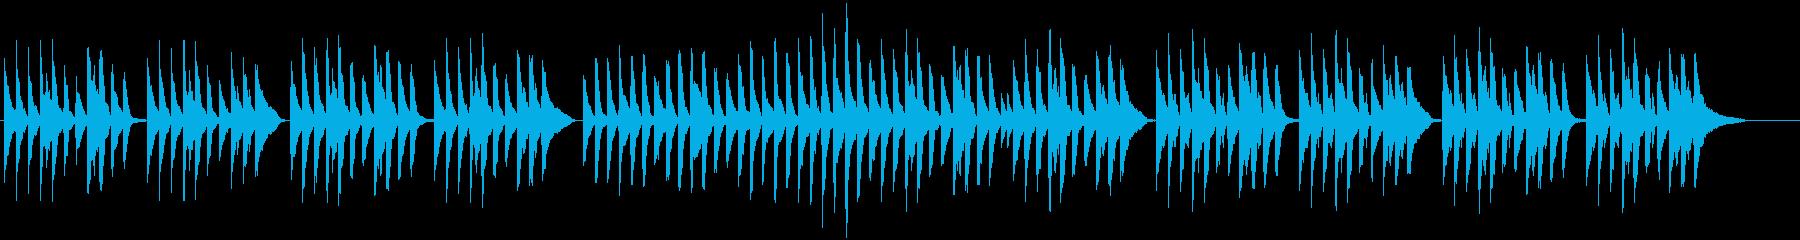 ピアノとピチカートの可愛いワルツの再生済みの波形